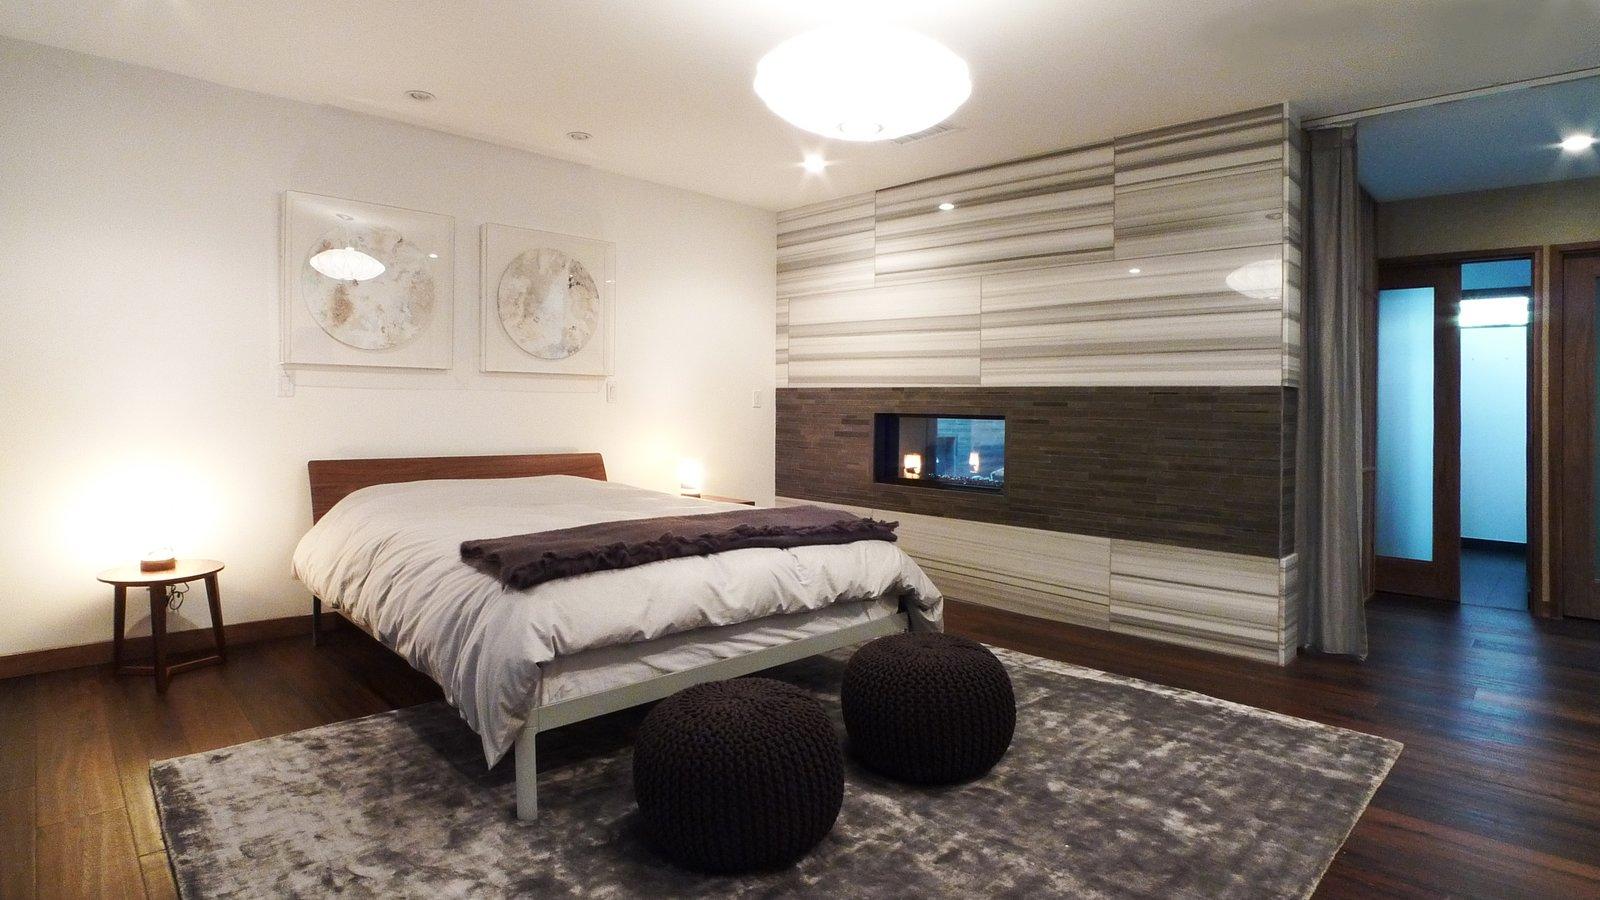 Kim Residence by Christopher L. Mercier (fer) studio